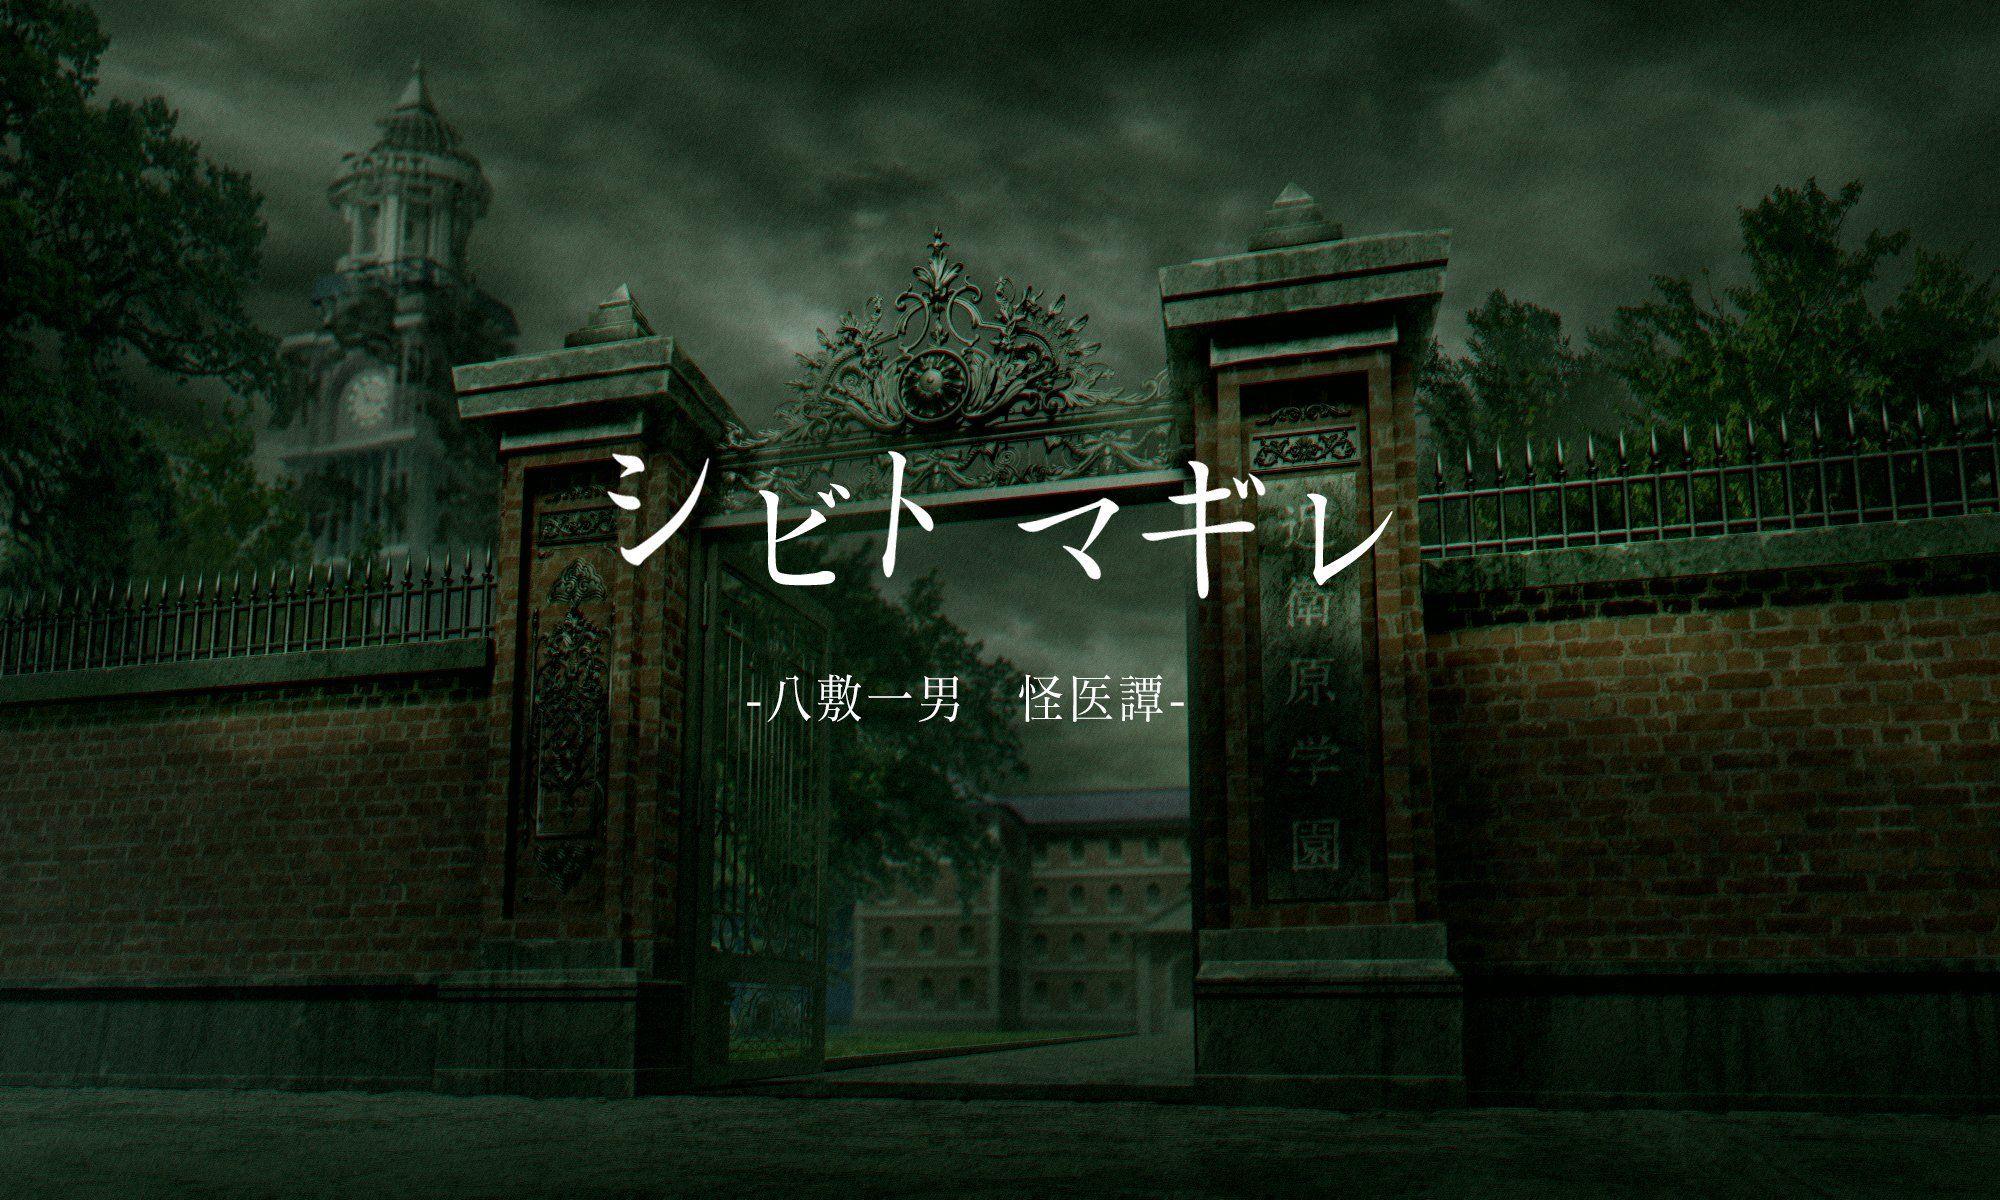 Experience新作《死亡学园》 恐怖氛围再度升级